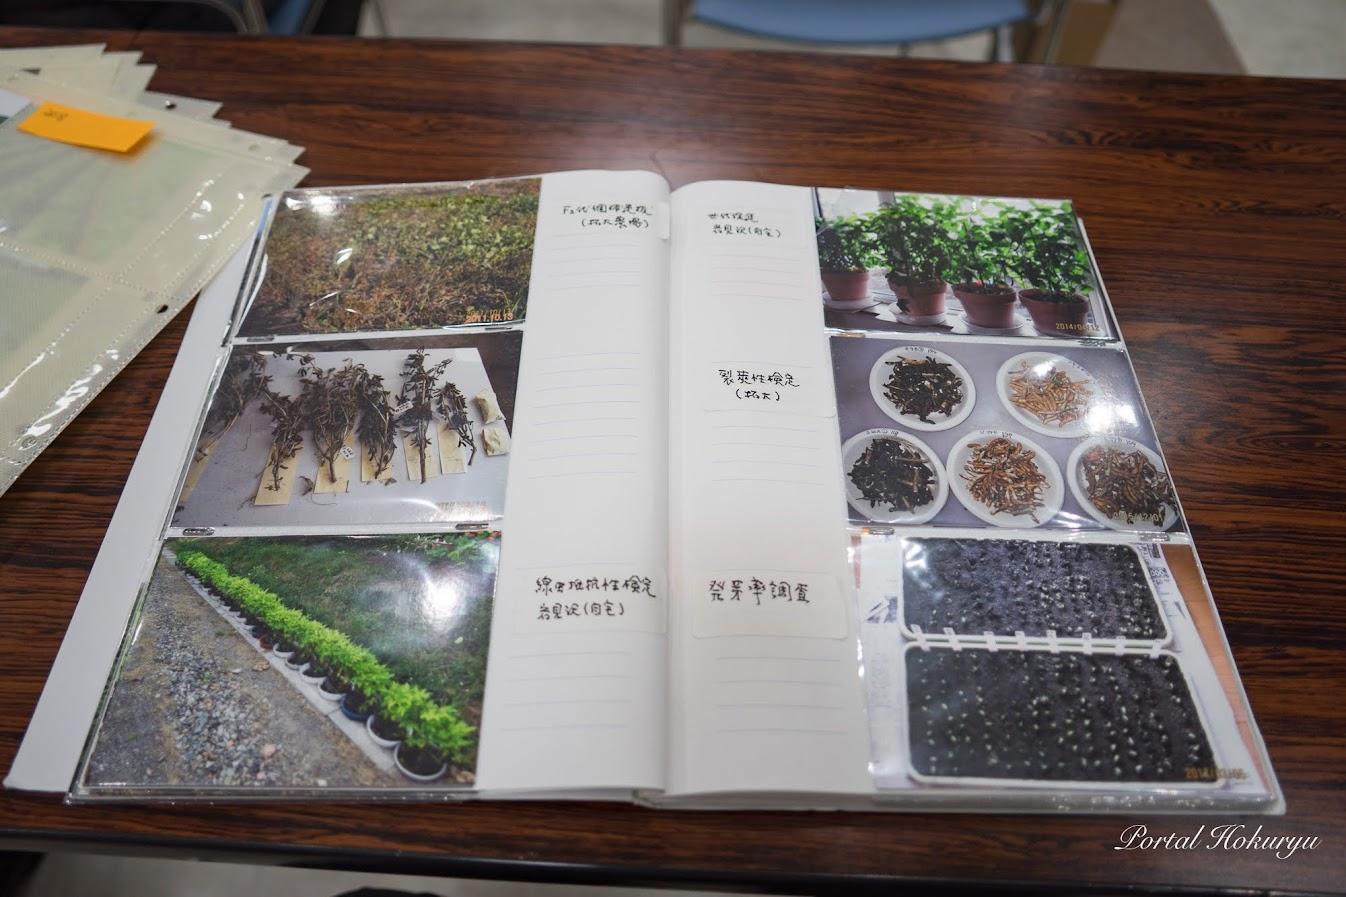 品種改良中の様子 2018年